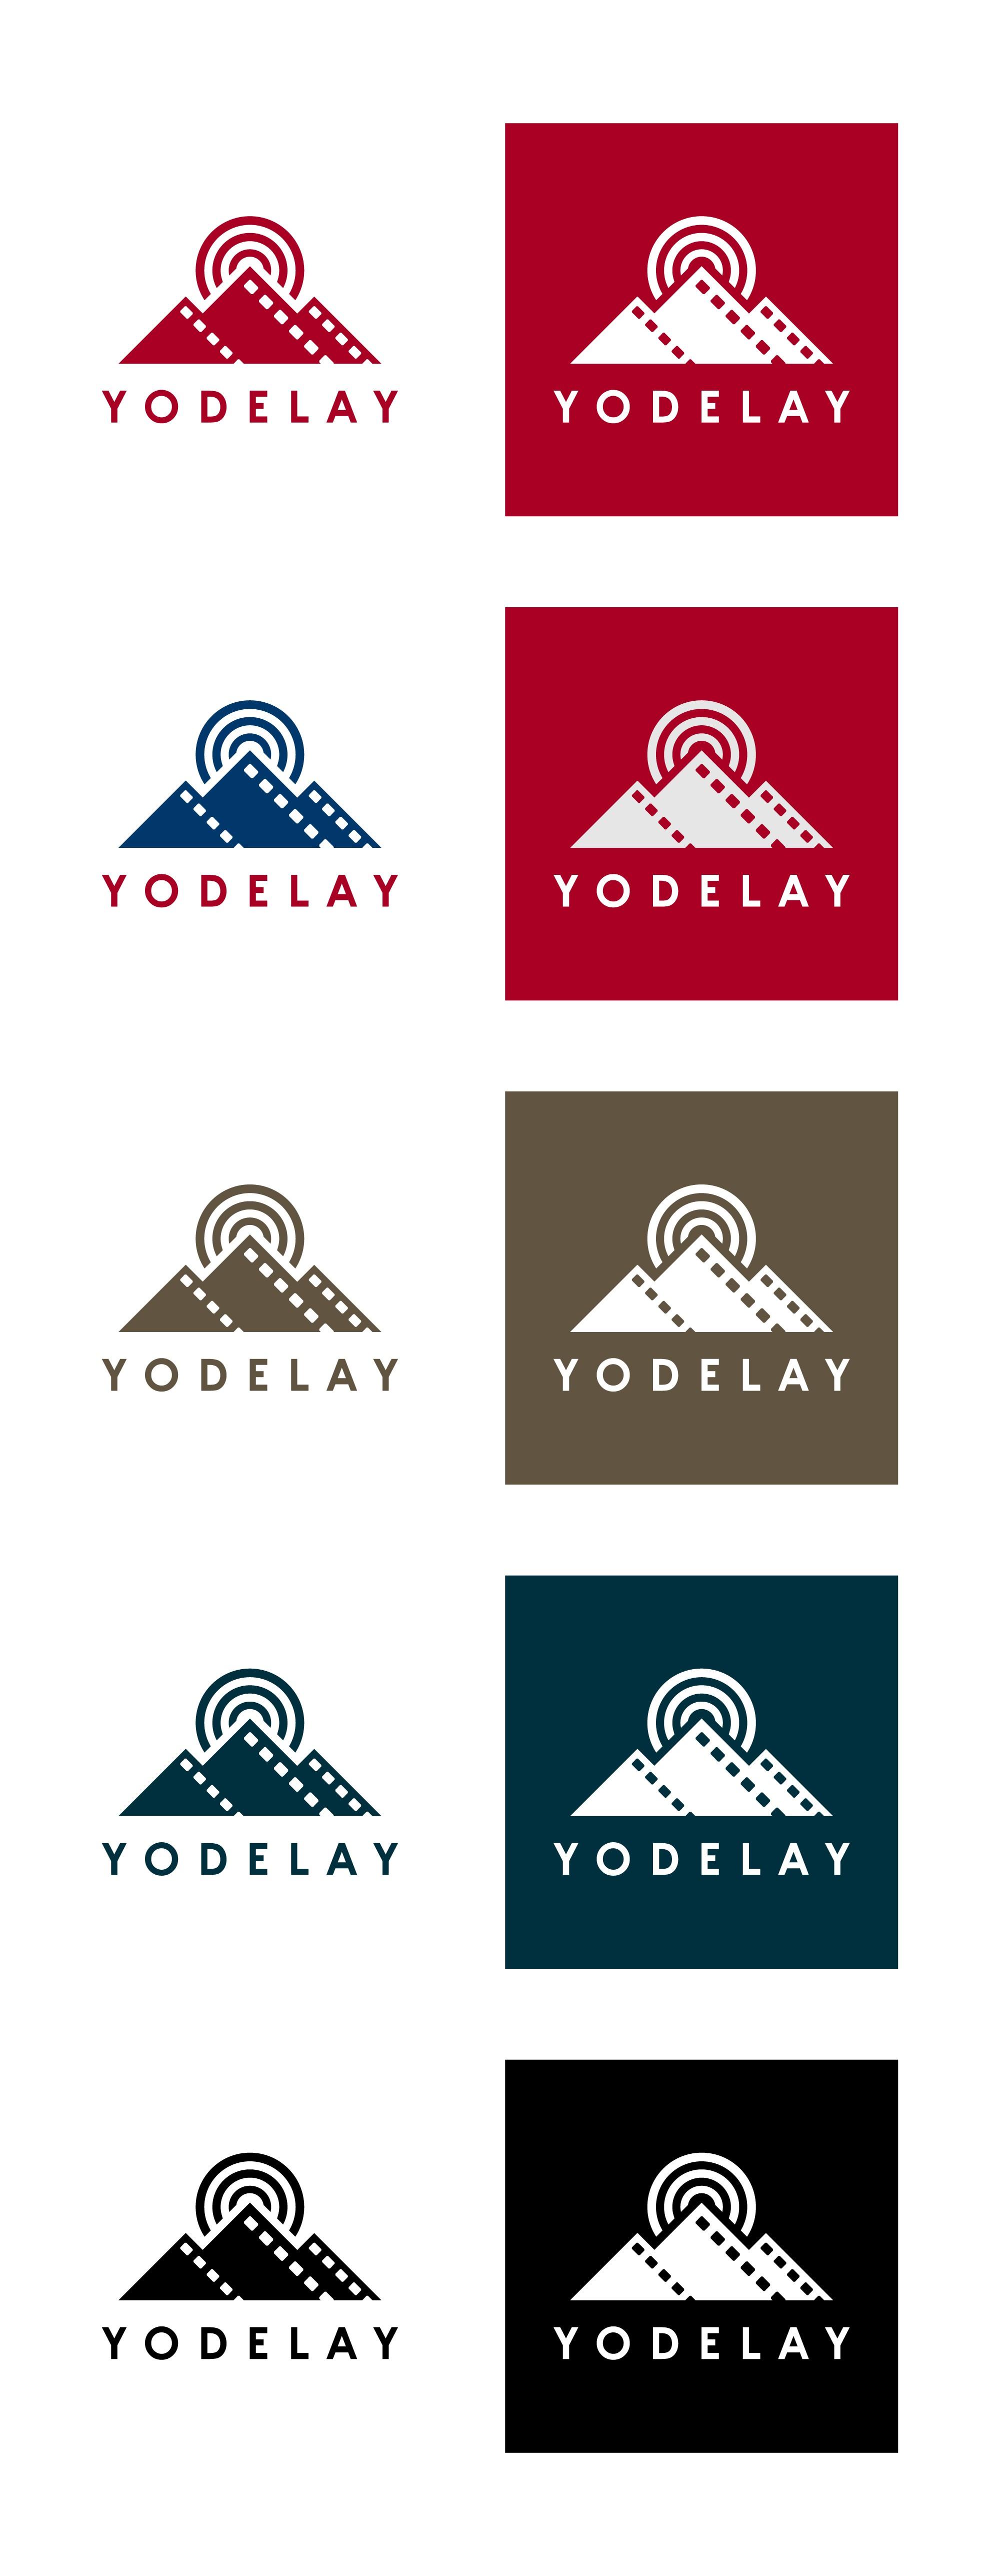 'Yodelay' Video Production Company needs a logo!